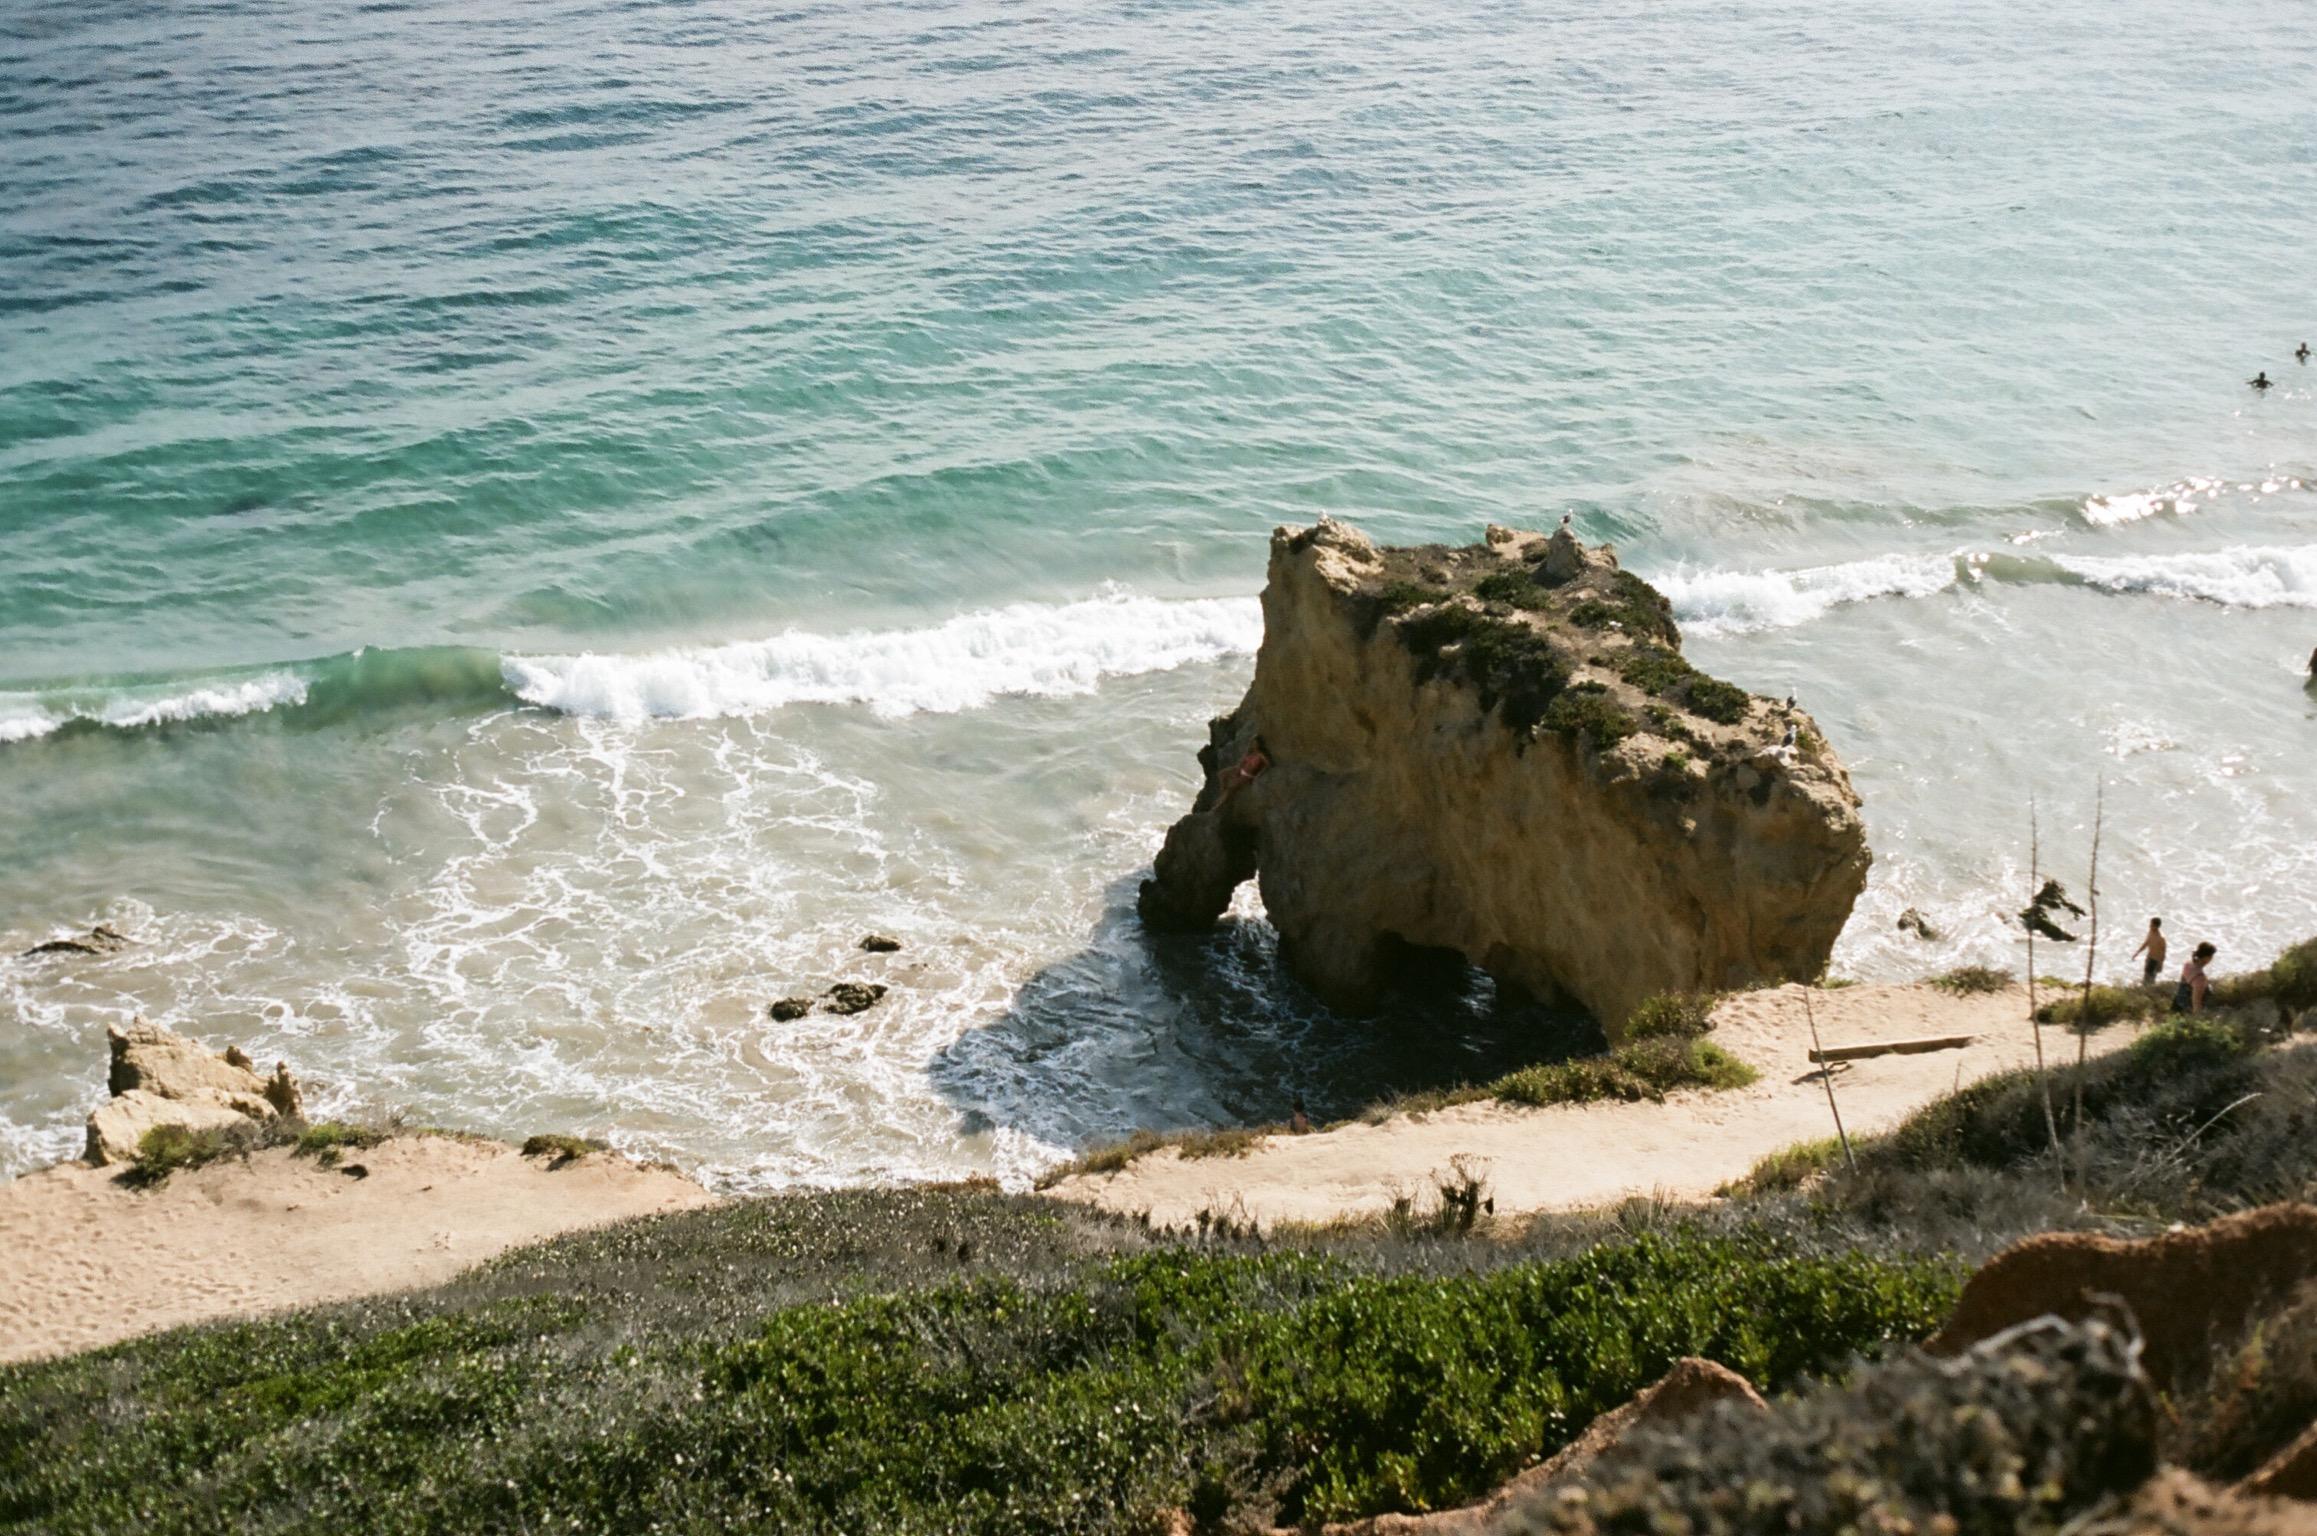 El Matador Beach, Malibu CA